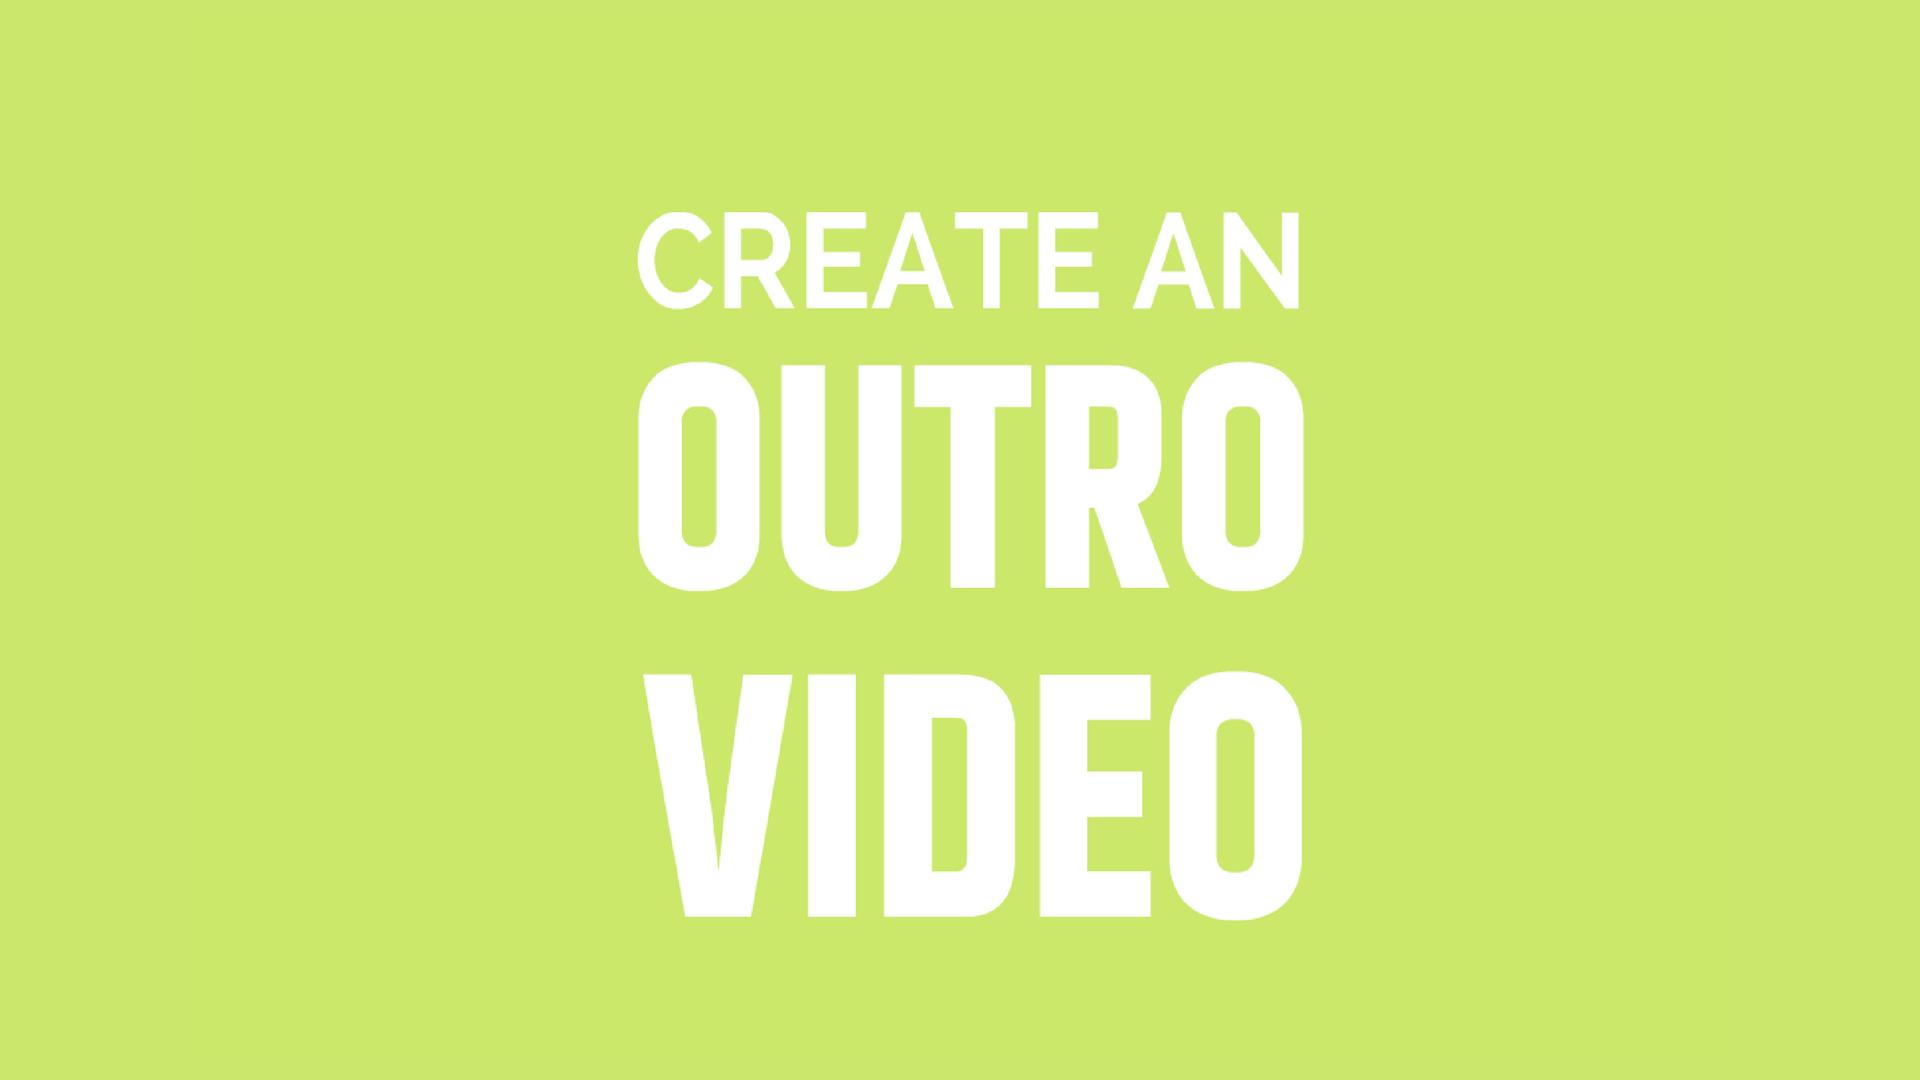 Outro Video Maker | Animaker